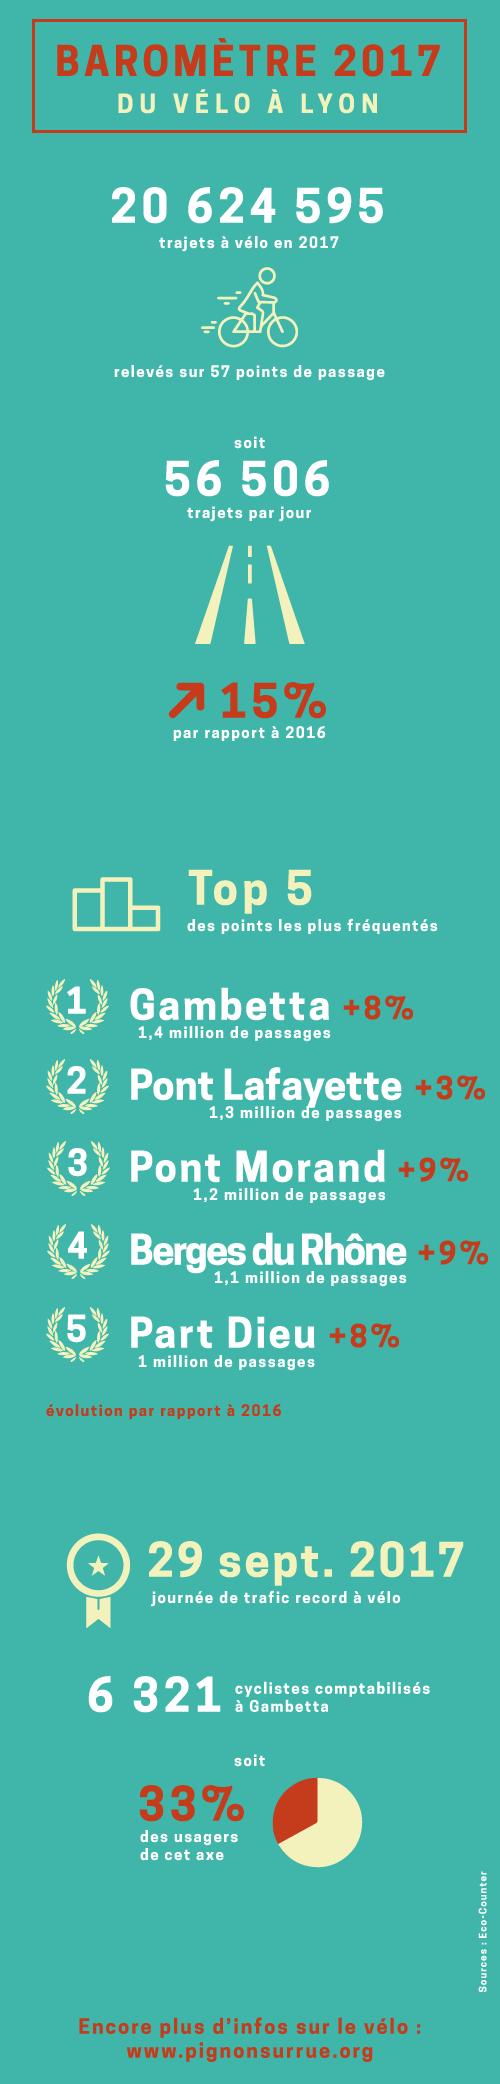 Pignon_sur_rue_infographie_chiffres_velo_2017